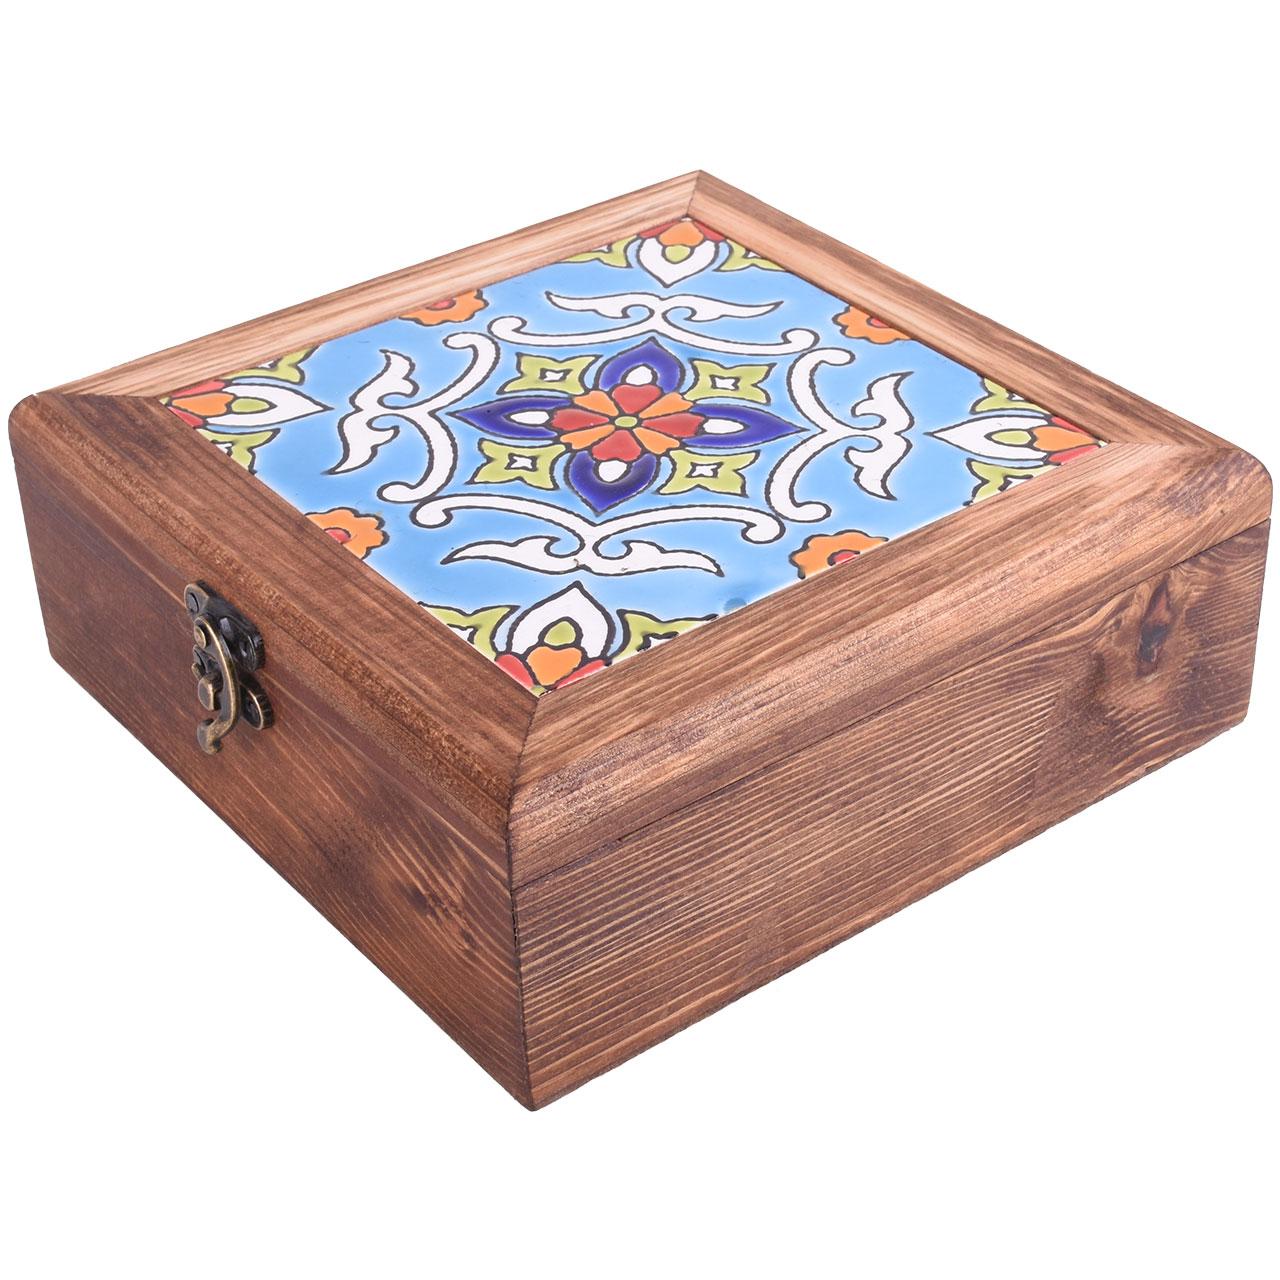 جعبه هدیه طرح کاشی قاب ختایی مدل 01-12 سایز 20 سانتیمتر